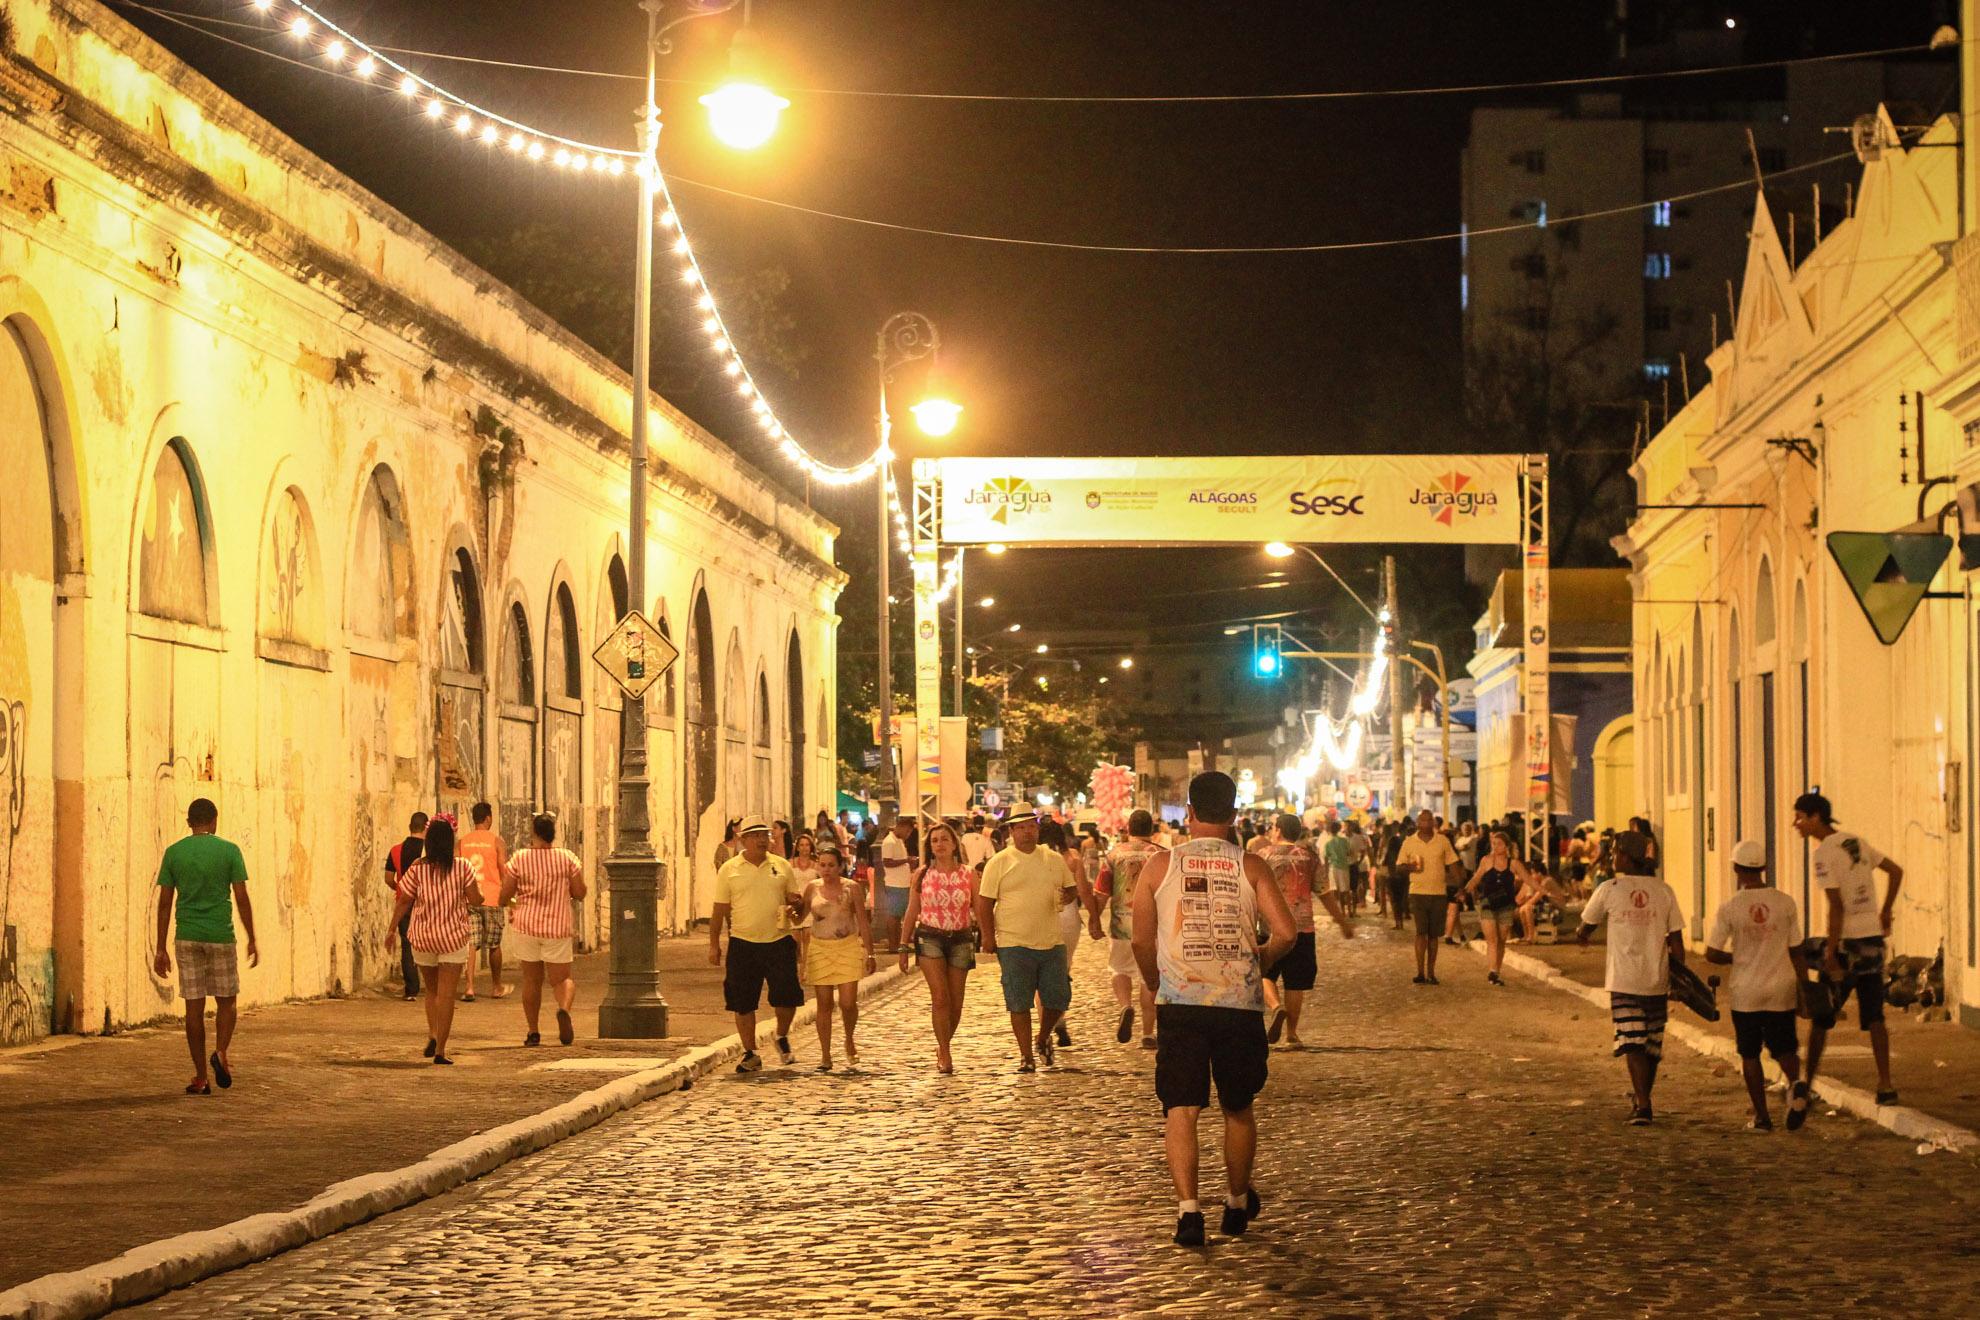 Bairro histórico do Jaraguá em Maceió São João 2018